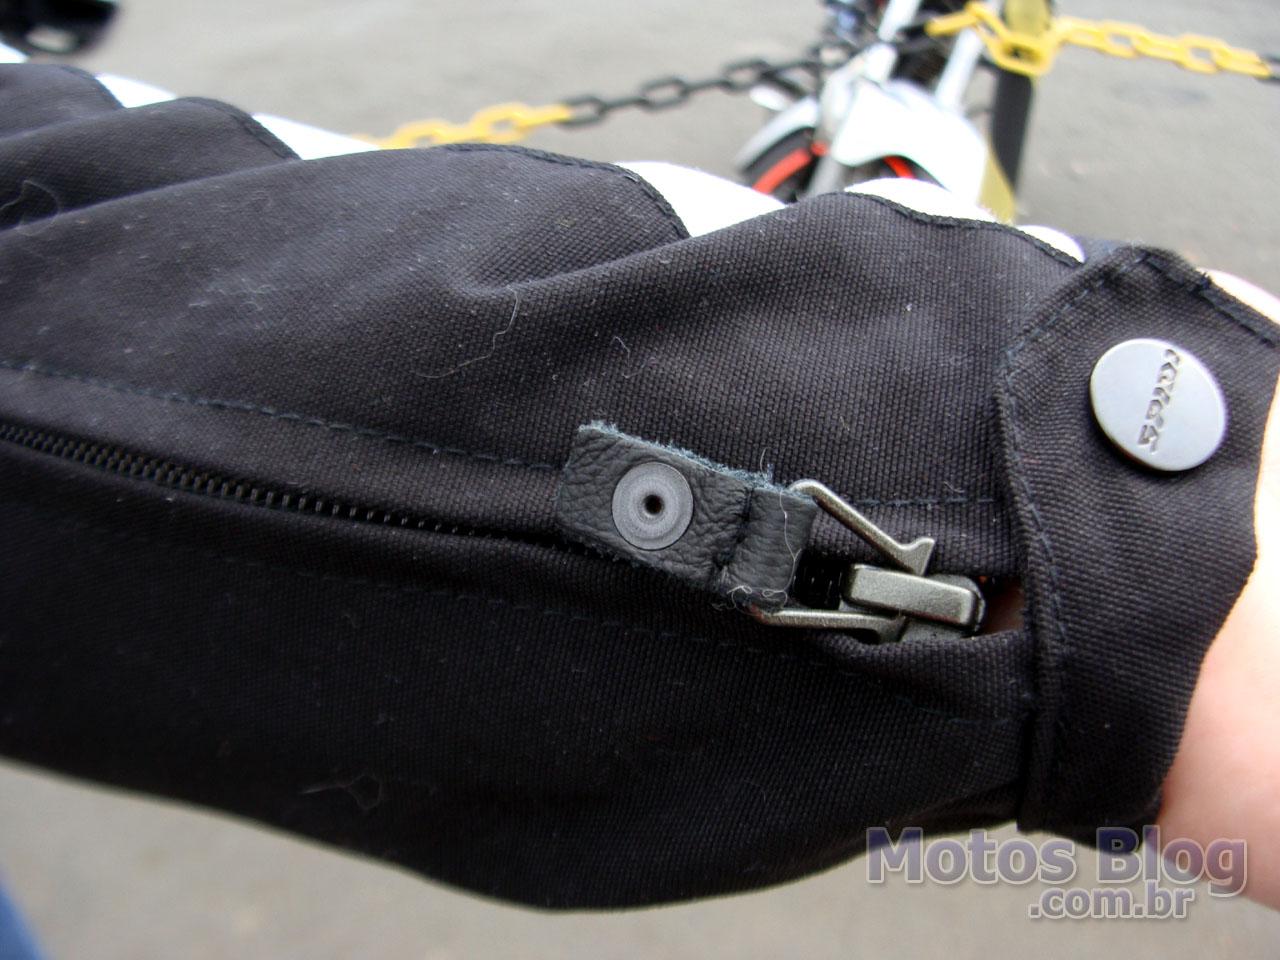 Punho da manga com zíper e botão